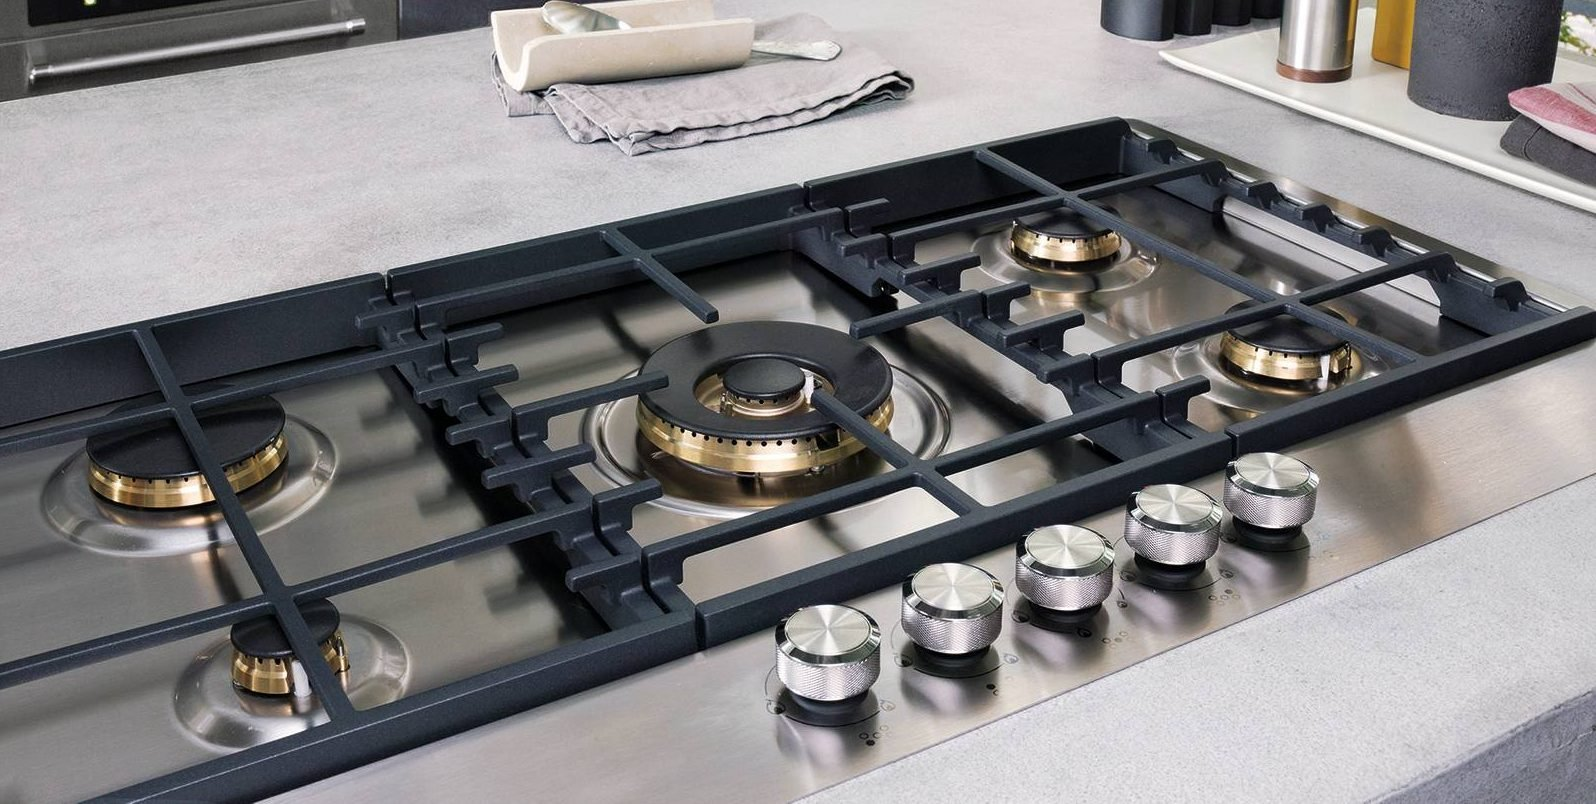 Piano cottura a induzione a gas o elettrico cose di casa for Miele piano cottura